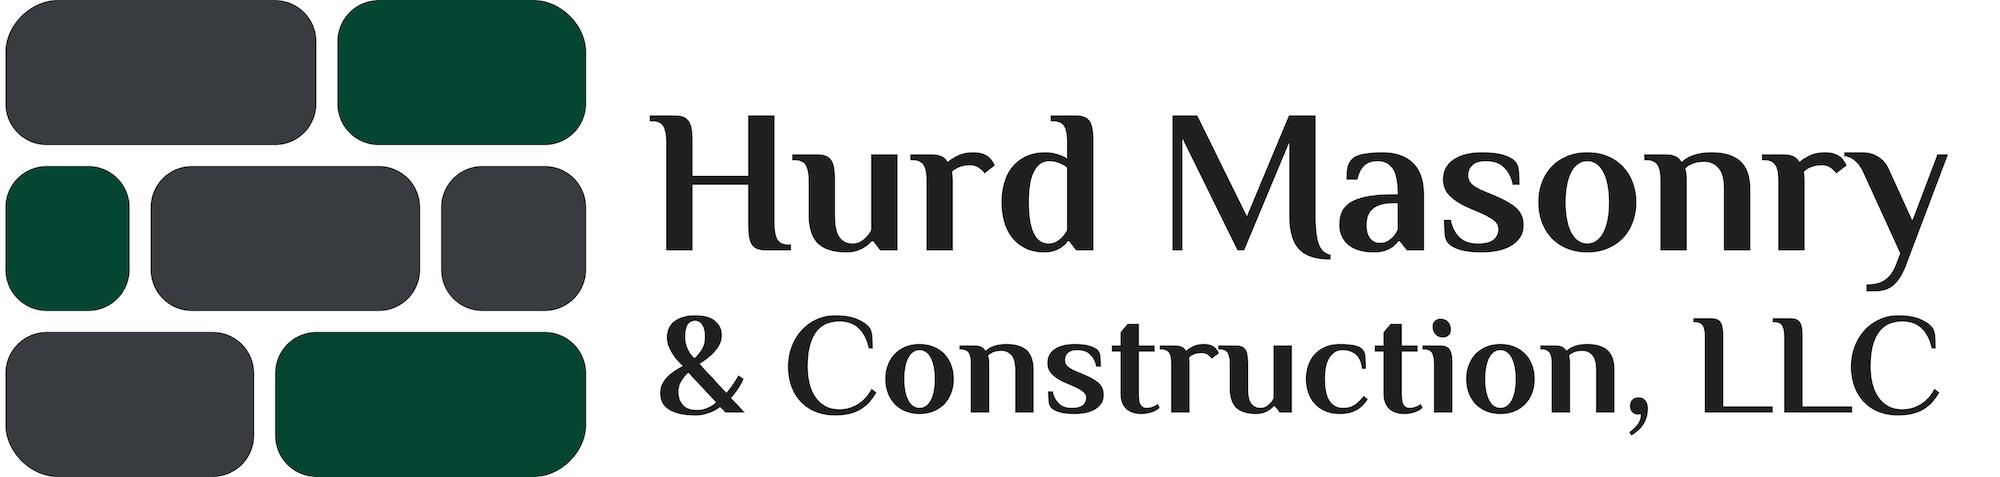 Hurd Masonry & Construction